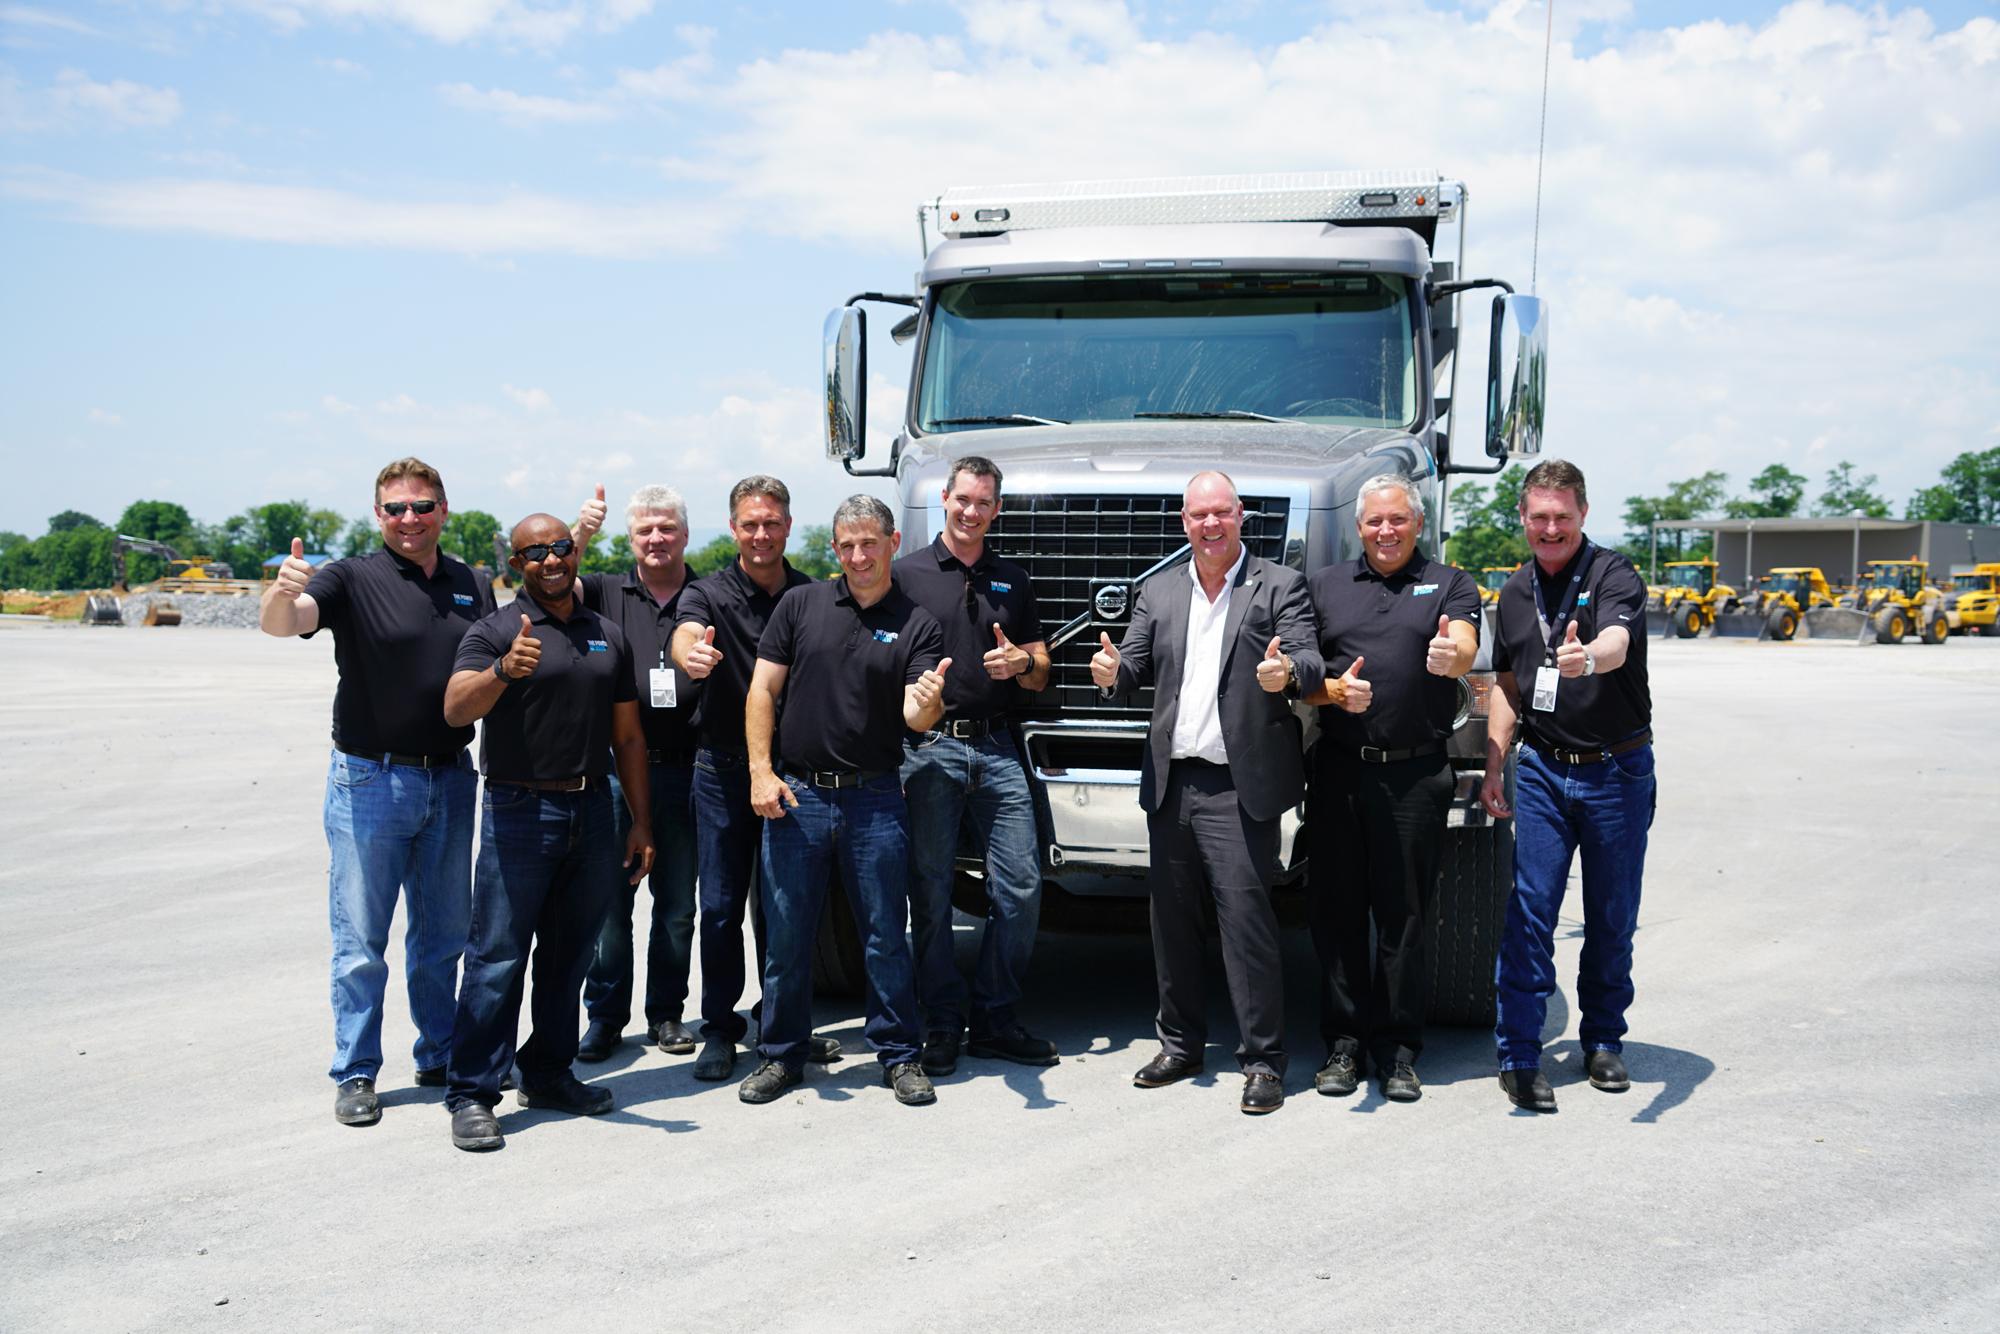 Equipo de anfitriones de la prueba del nuevo tren motriz 2017 de Volvo liderado por Magnus Koeck, Vicepresidente de Marketing y Gestión de Marca.